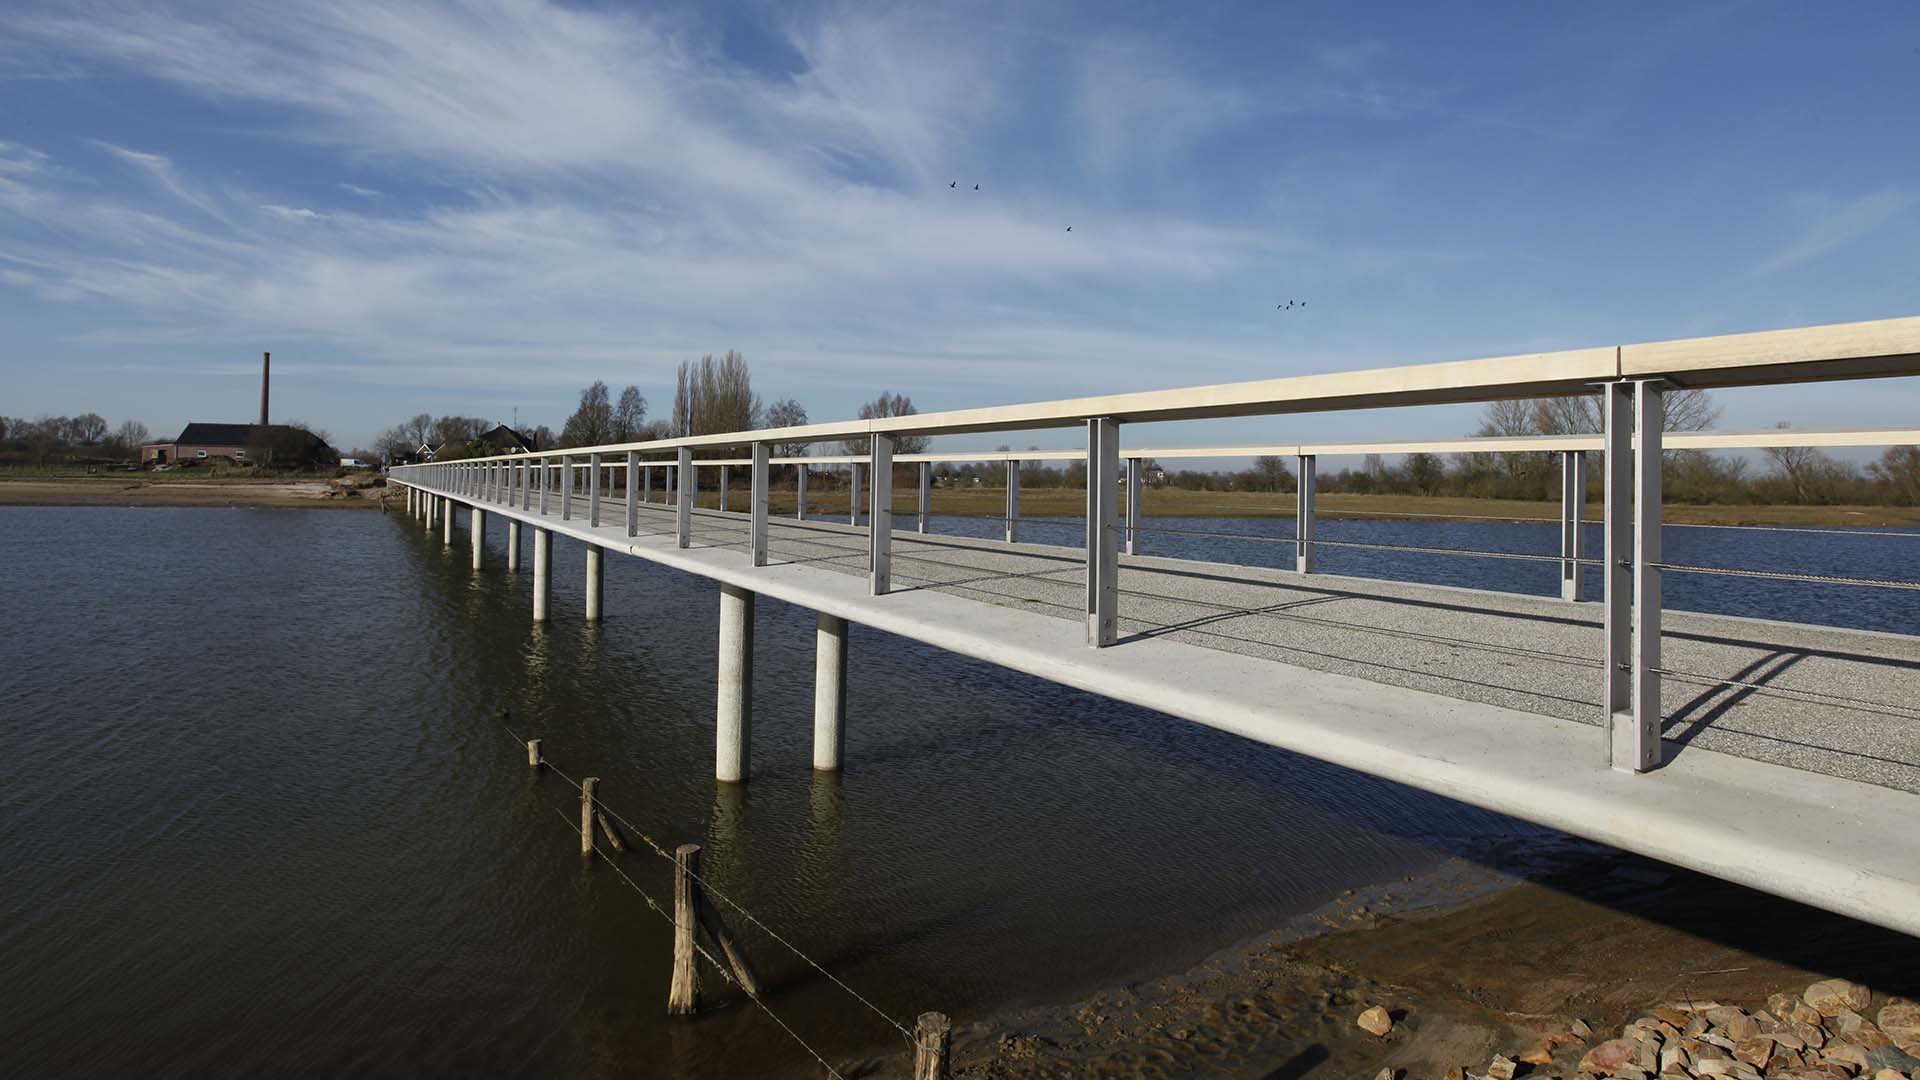 zijaanzicht brugontwerp met betonnen steunpilaren, hydrodynamisch, duurzaam en overstroombaar ontwerp van ipv Delft in Fortmond Olst